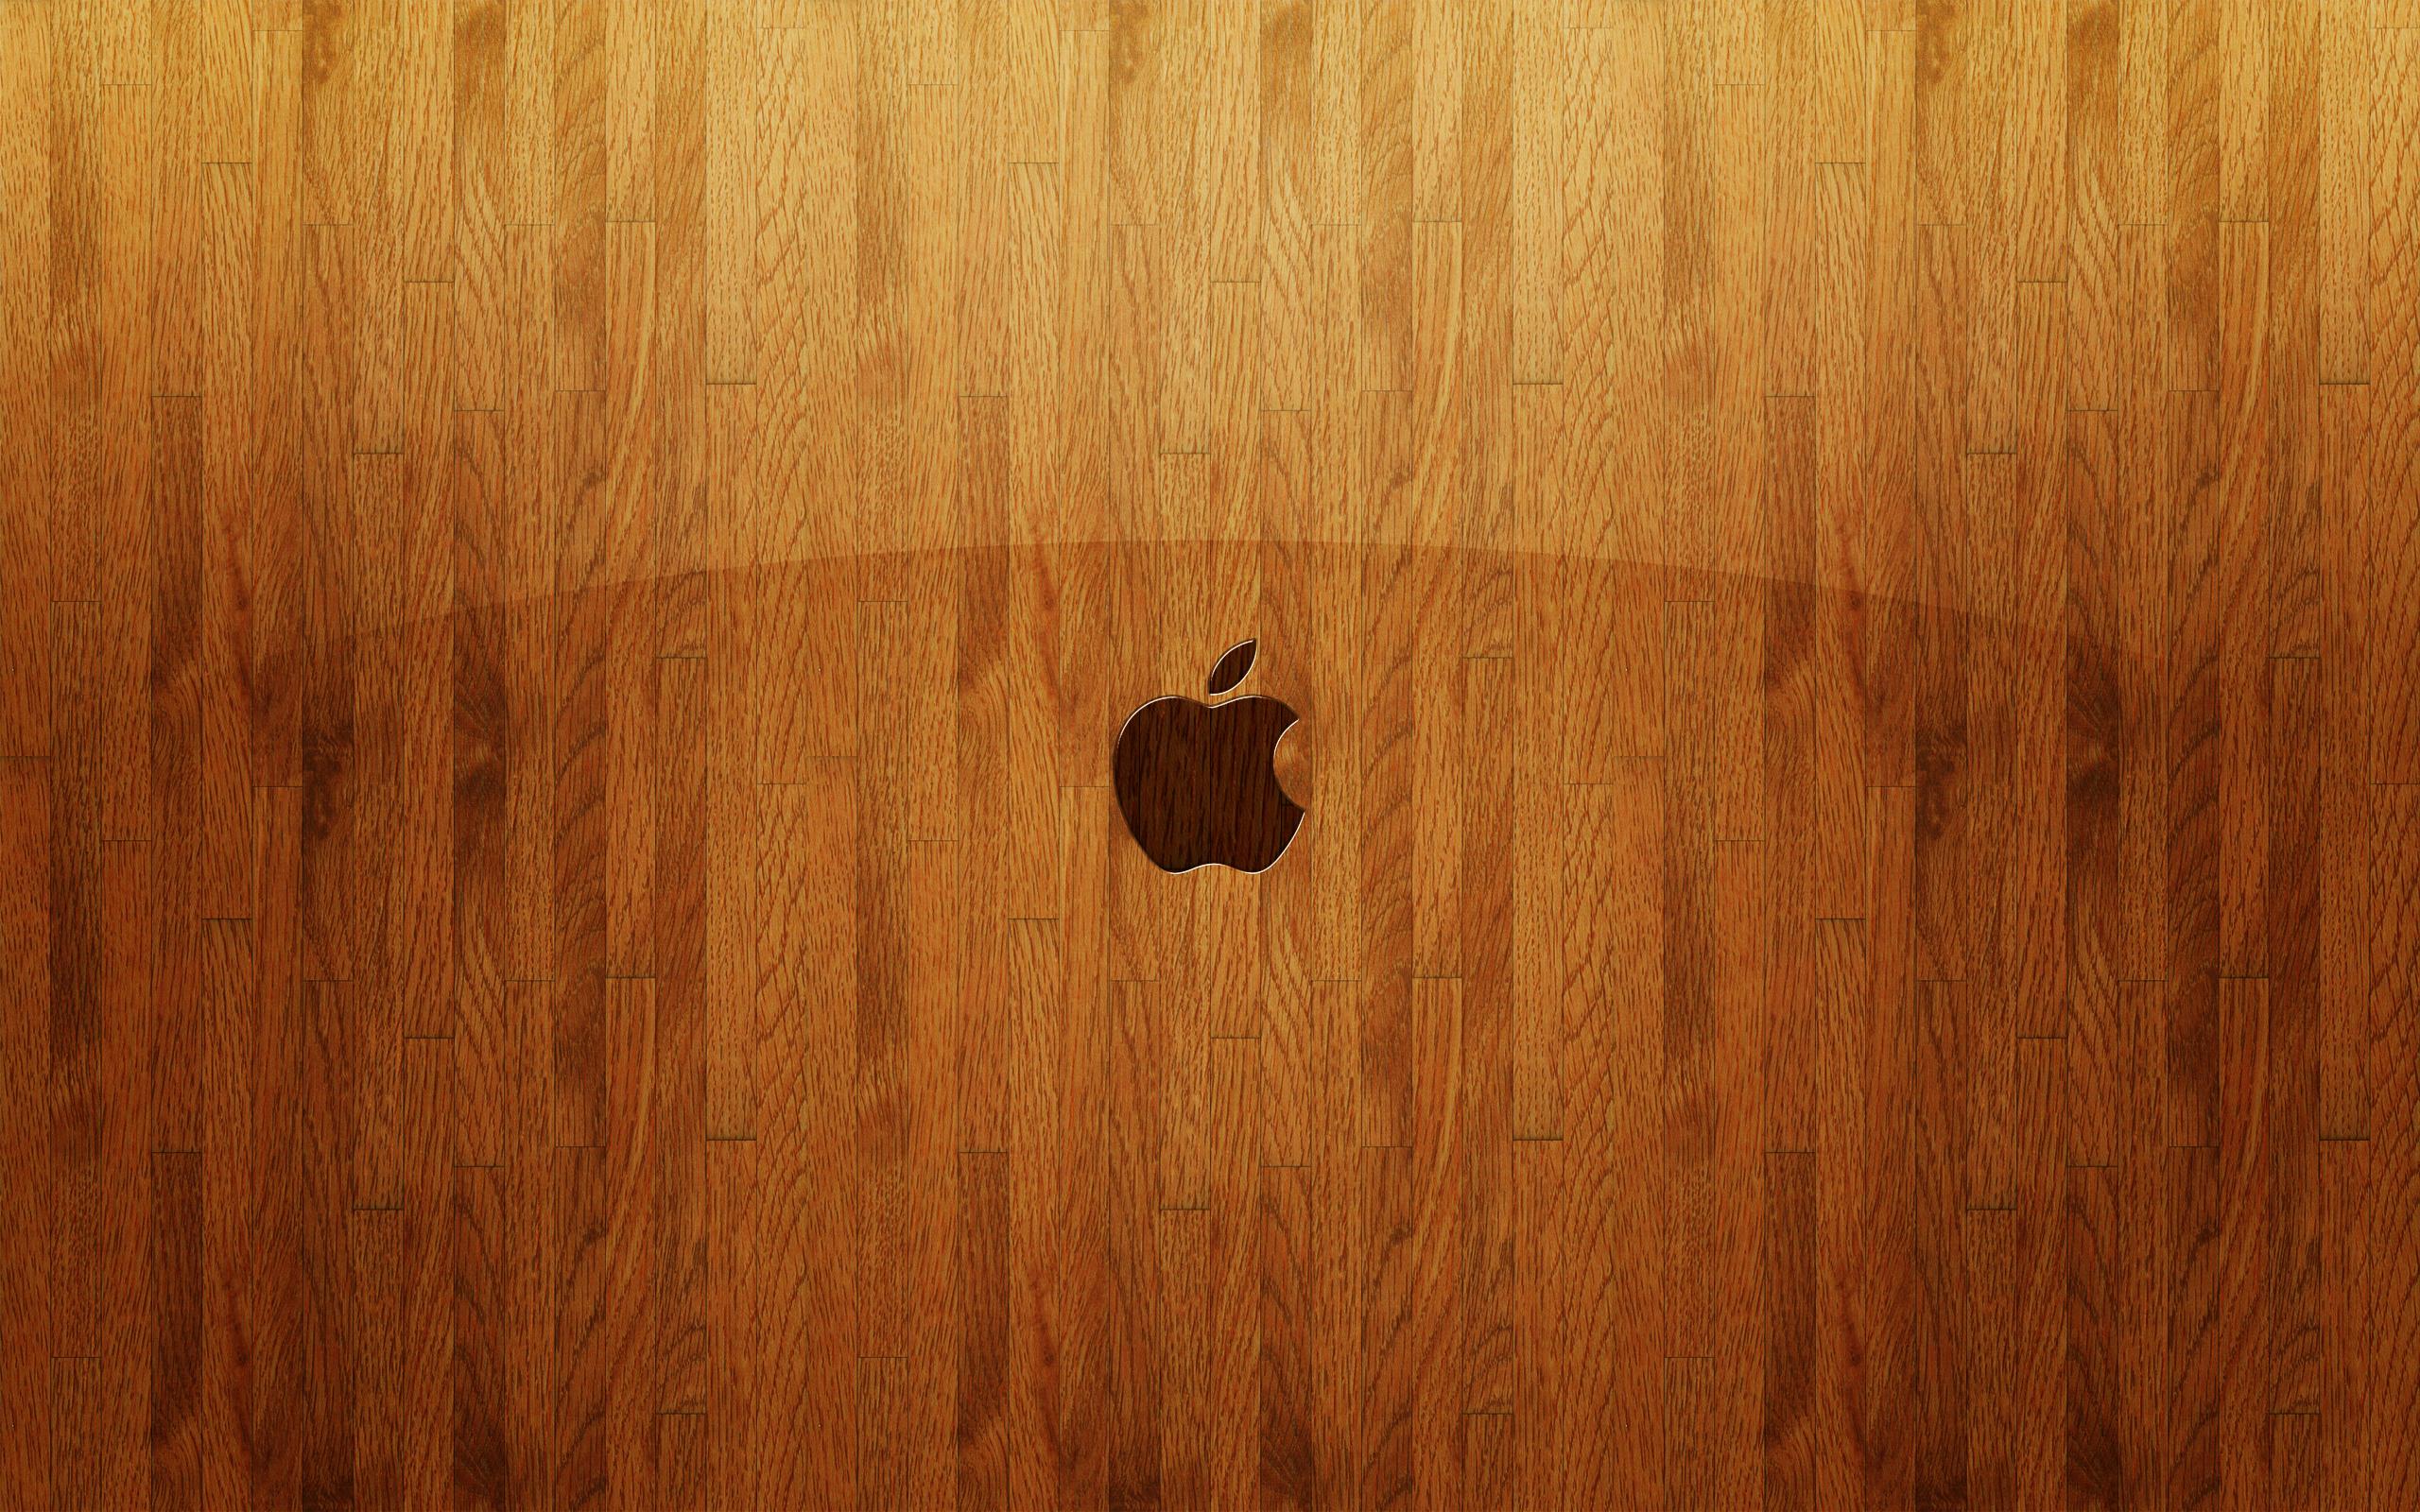 mac-fond-ecran-by-apple_15